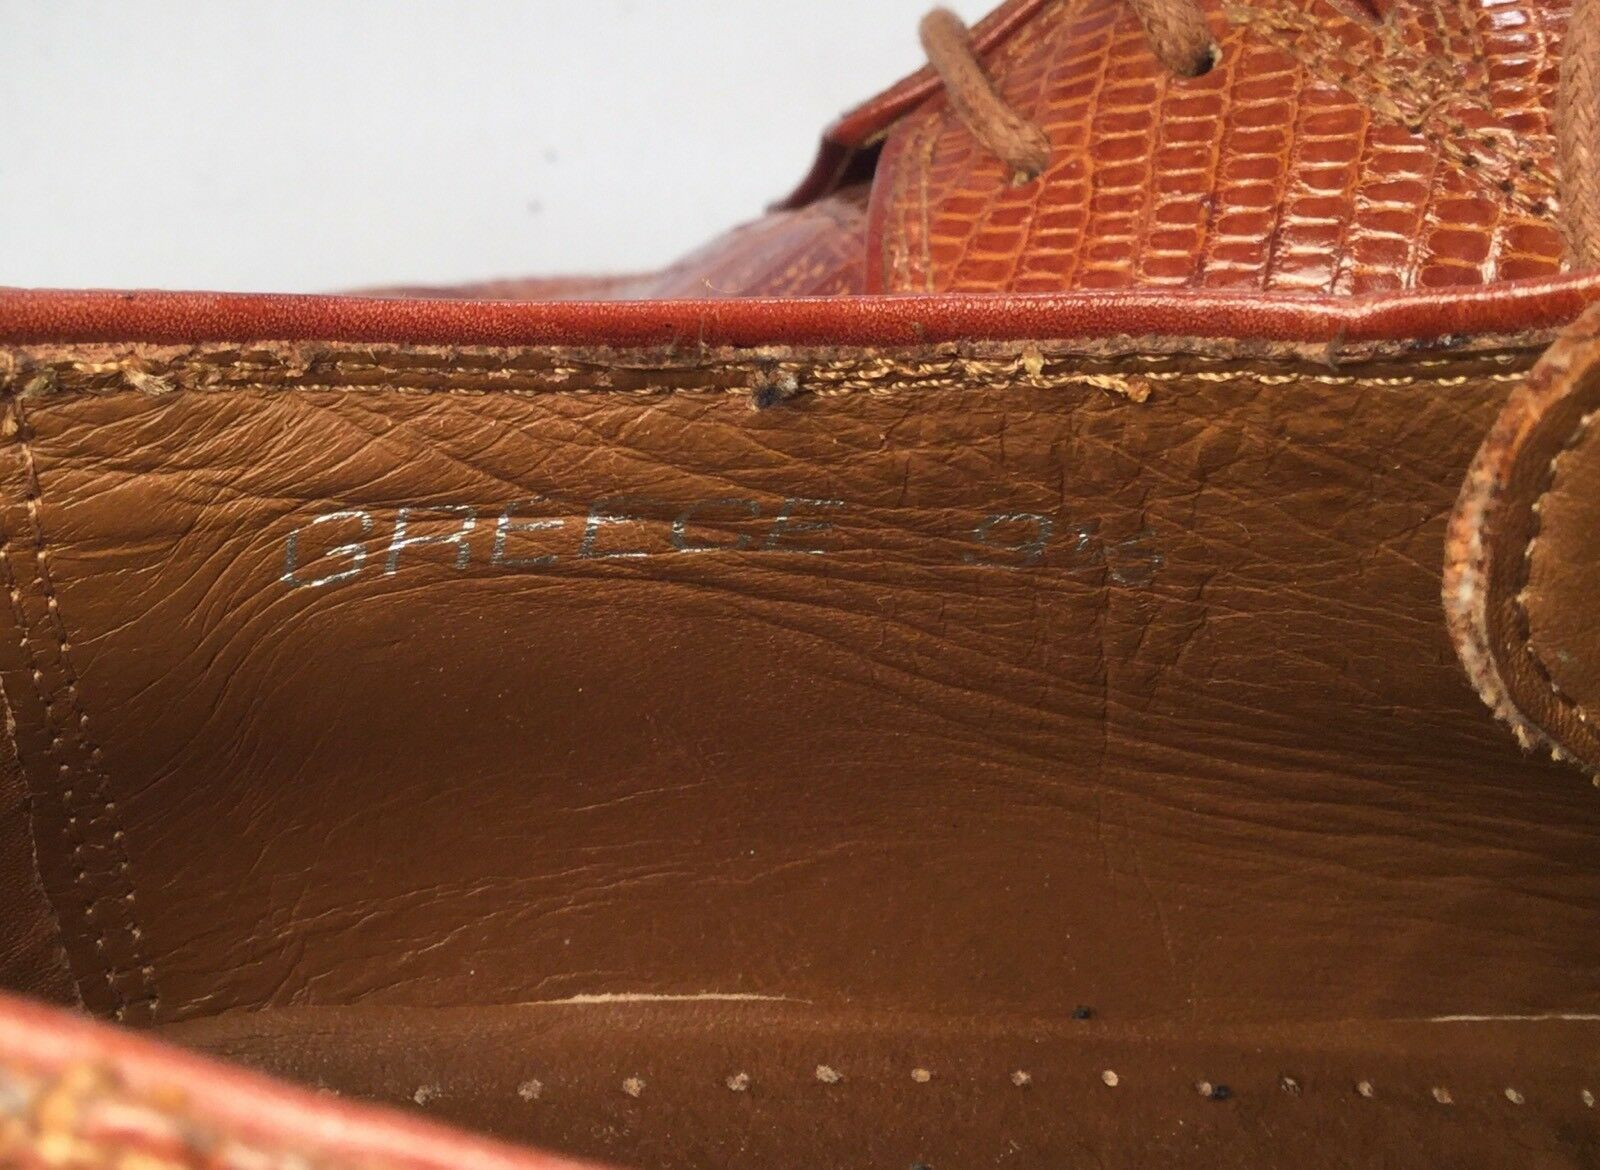 David Eden Light braun Crocodile Crocodile braun Alligator Lace Dress Up schuhe Sz 9 1 2 Sharp cc88e9